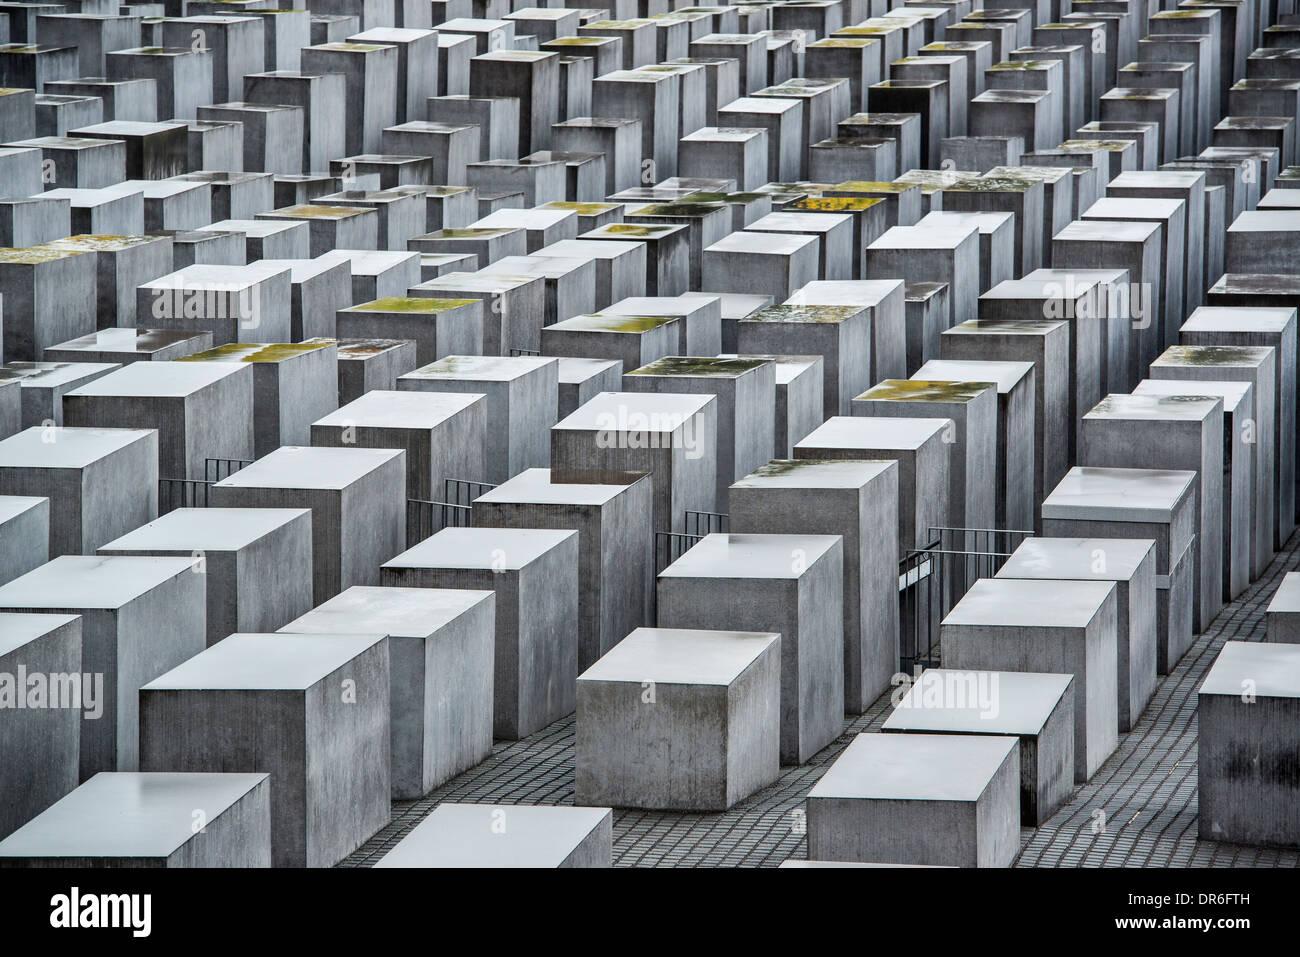 Mémorial de l'Holocauste à Berlin, Allemagne. Photo Stock